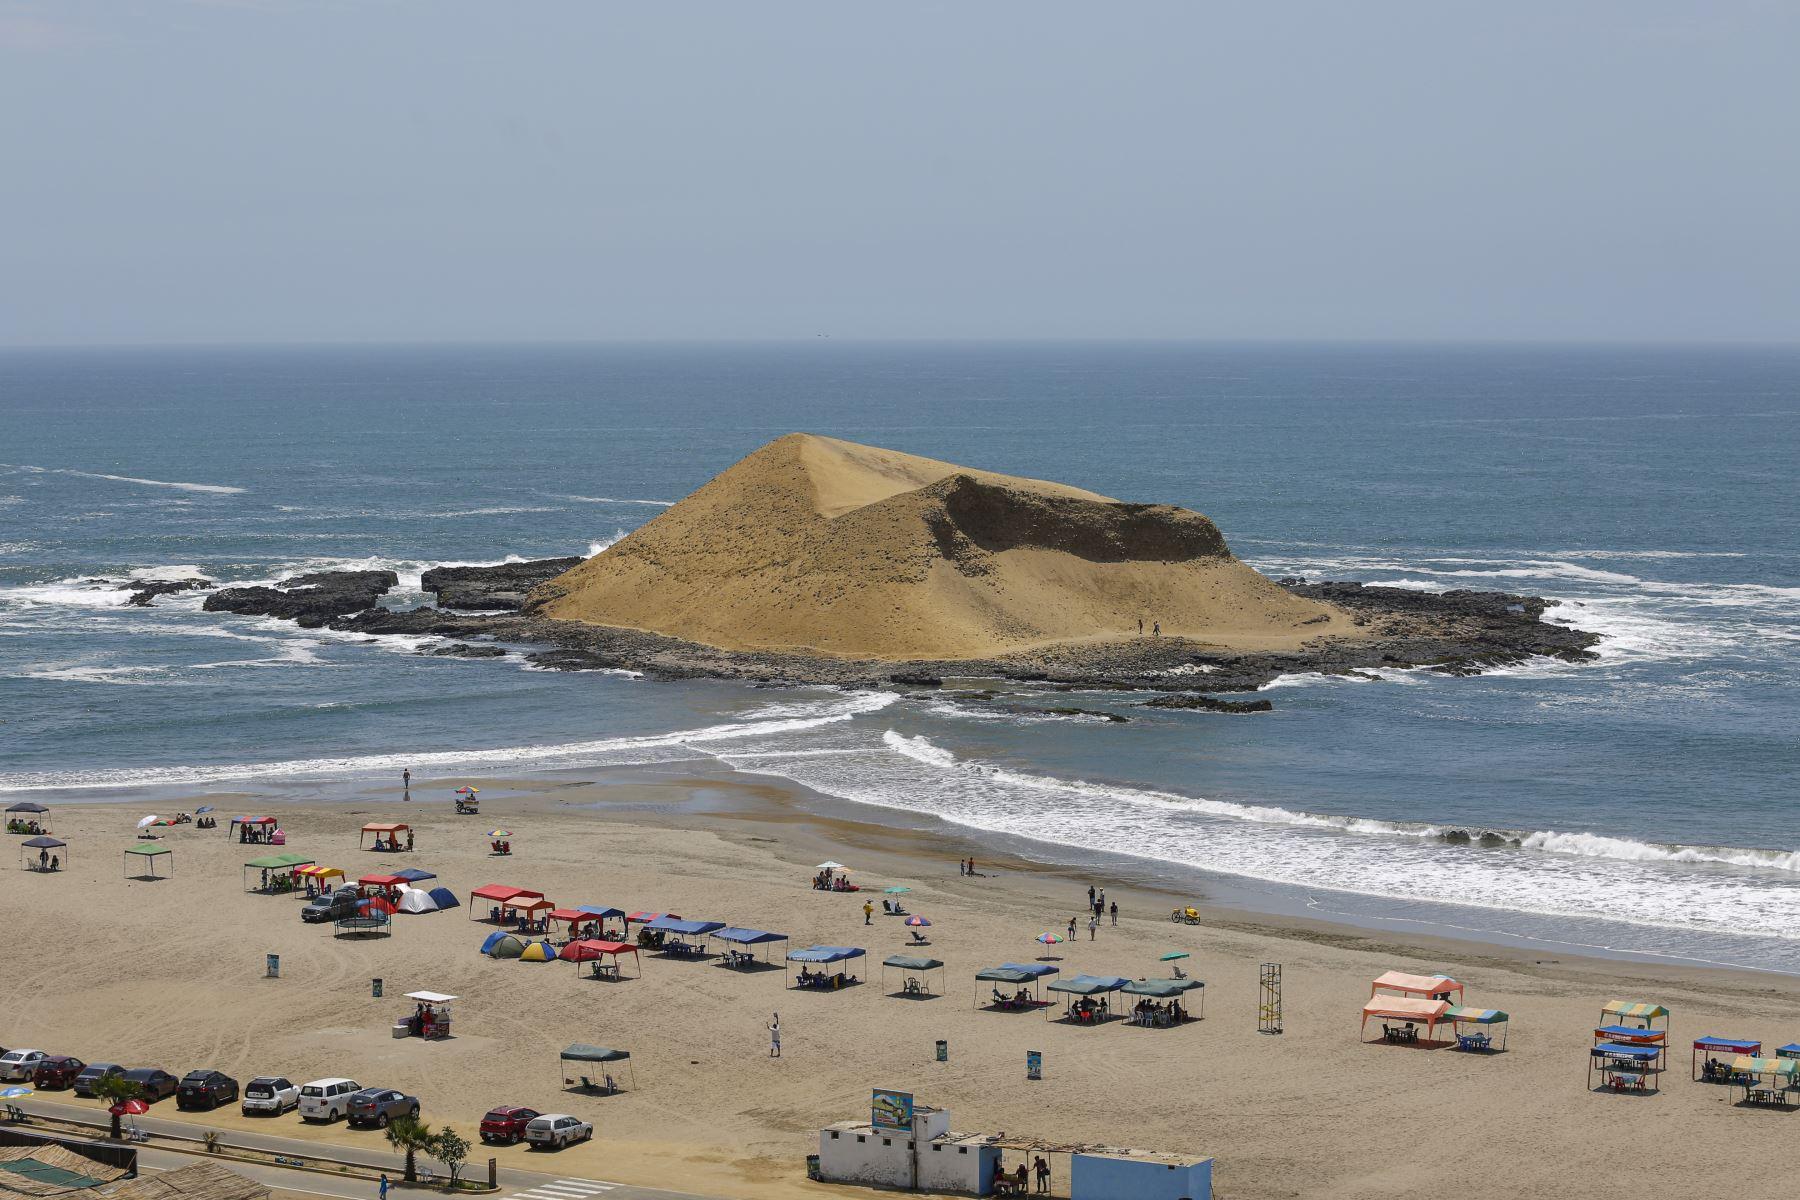 Playa la Isla, ubicada en el kilómetro 189 de la Panamericana Norte, distrito de Supe, es la playa más destacada de Barranca.Foto: ANDINA/Renato Pajuelo